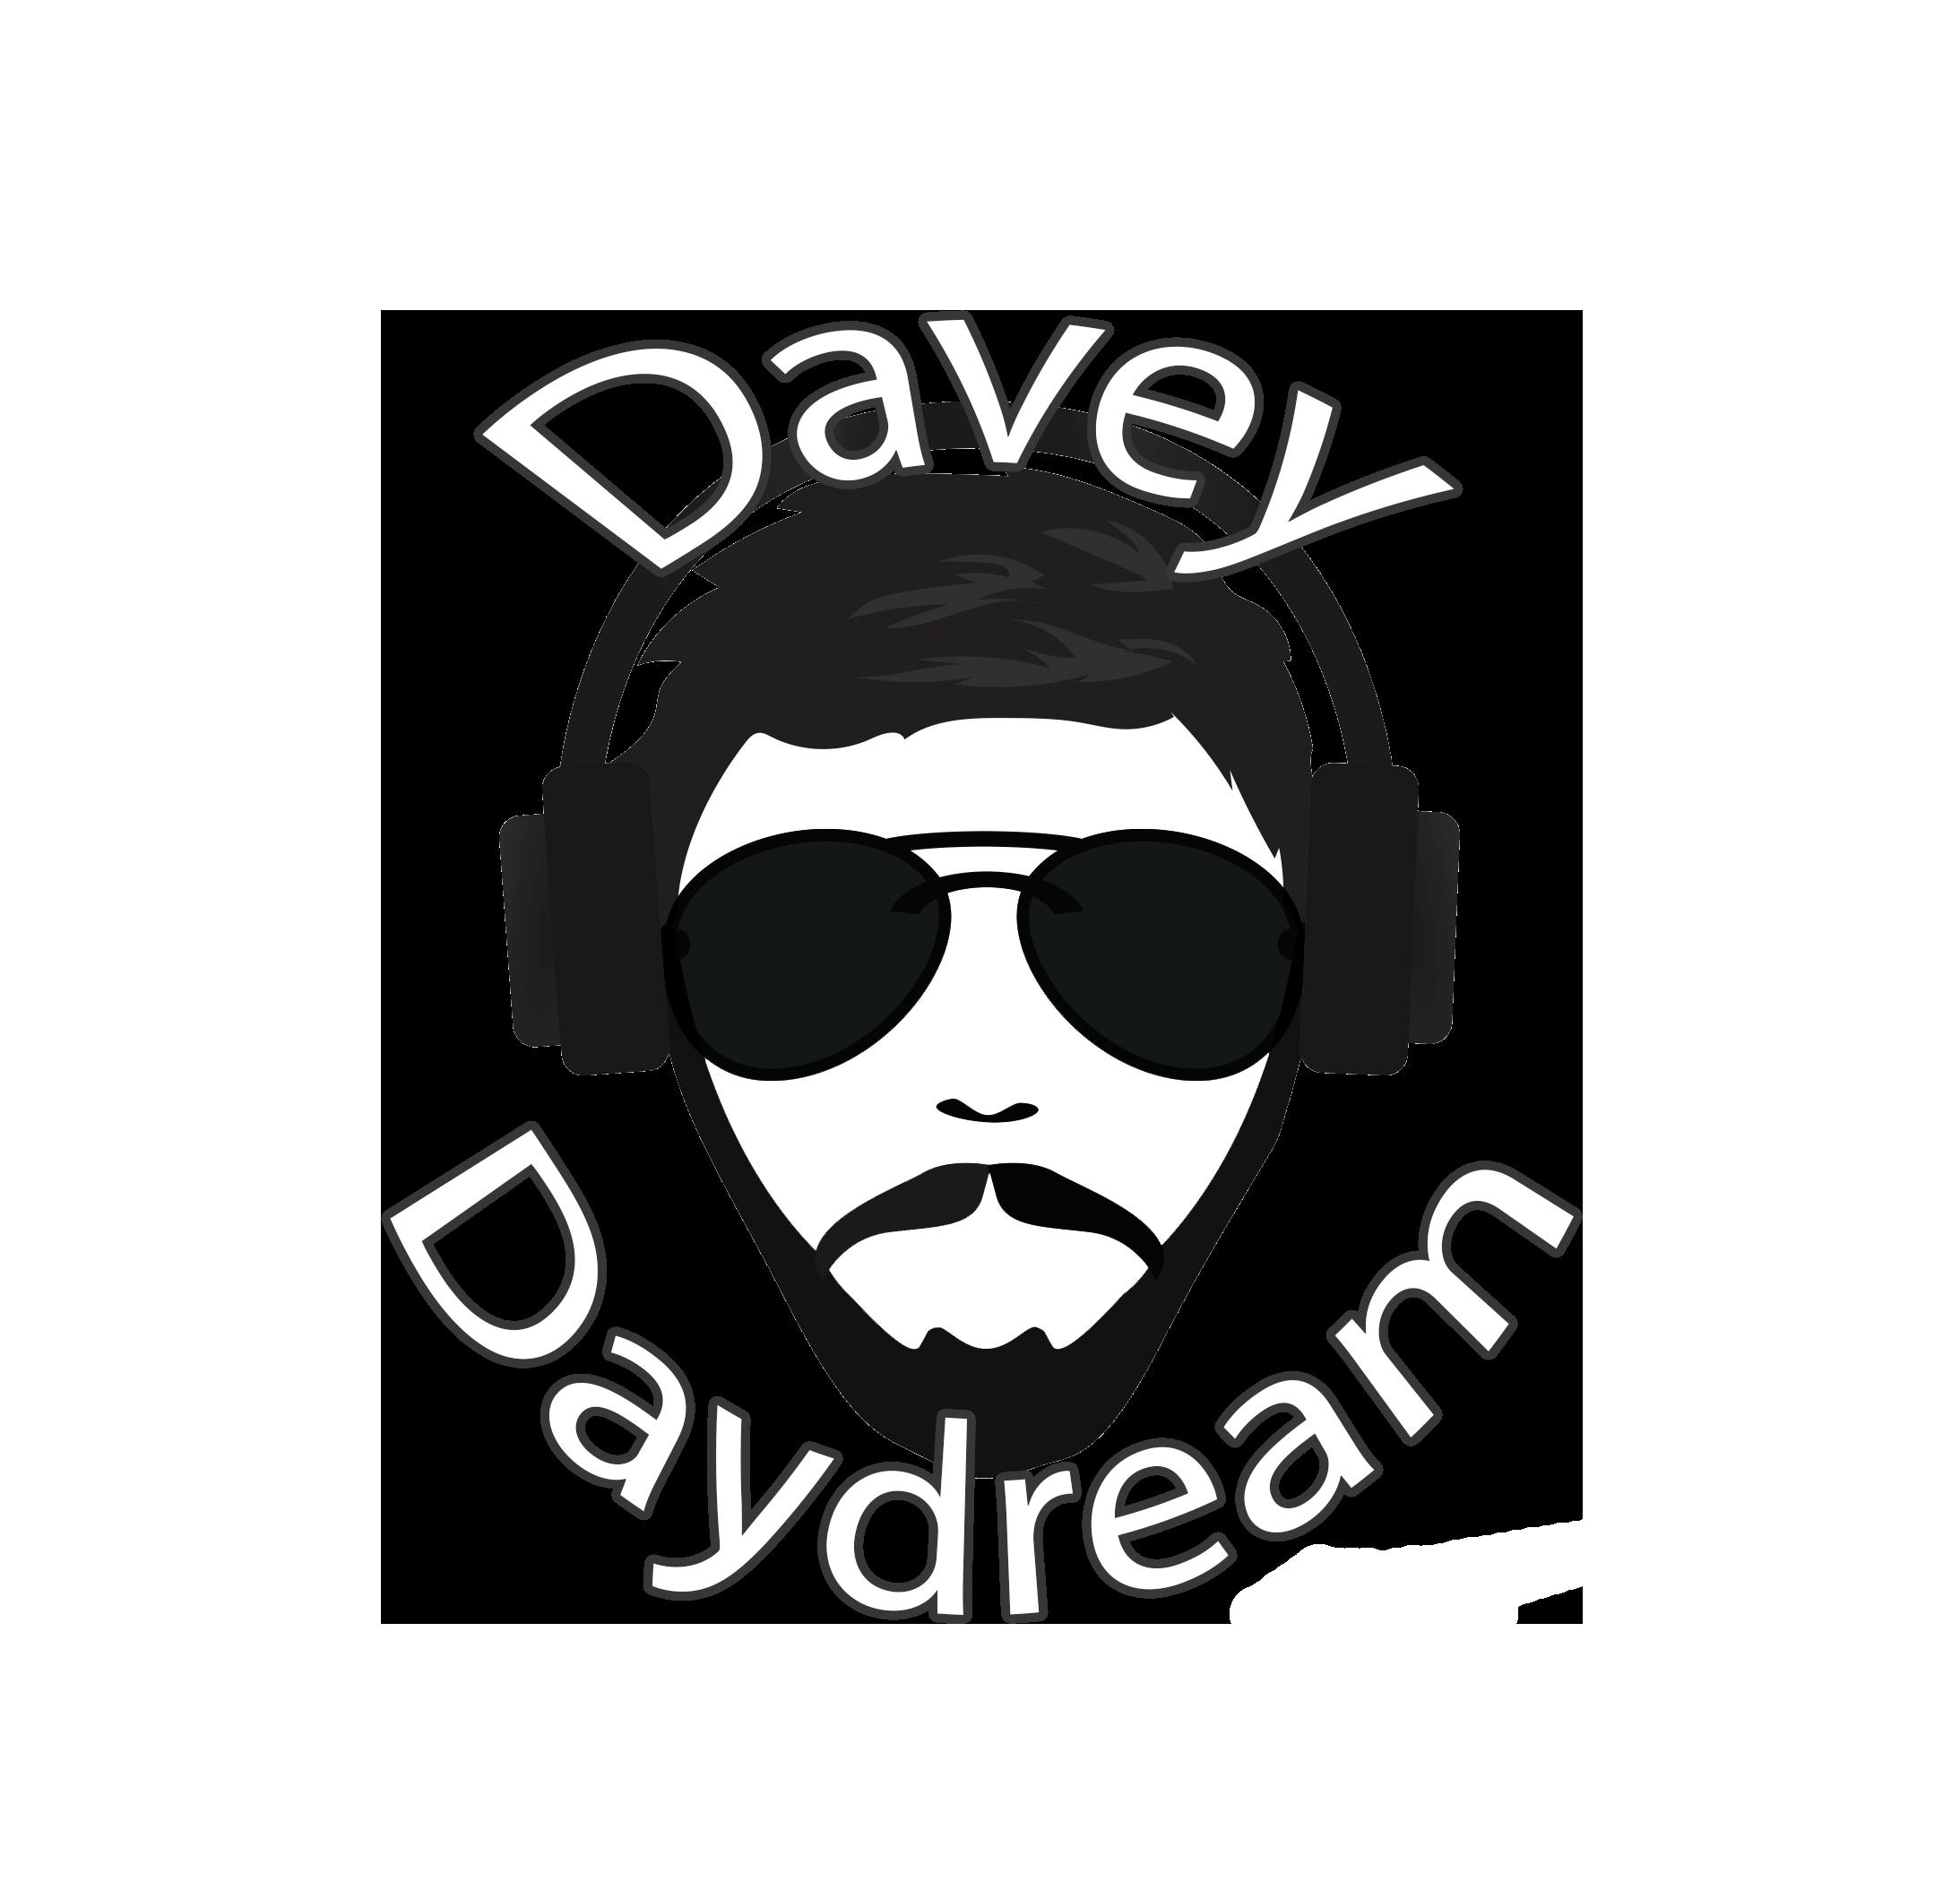 Davey Daydream no .com.png